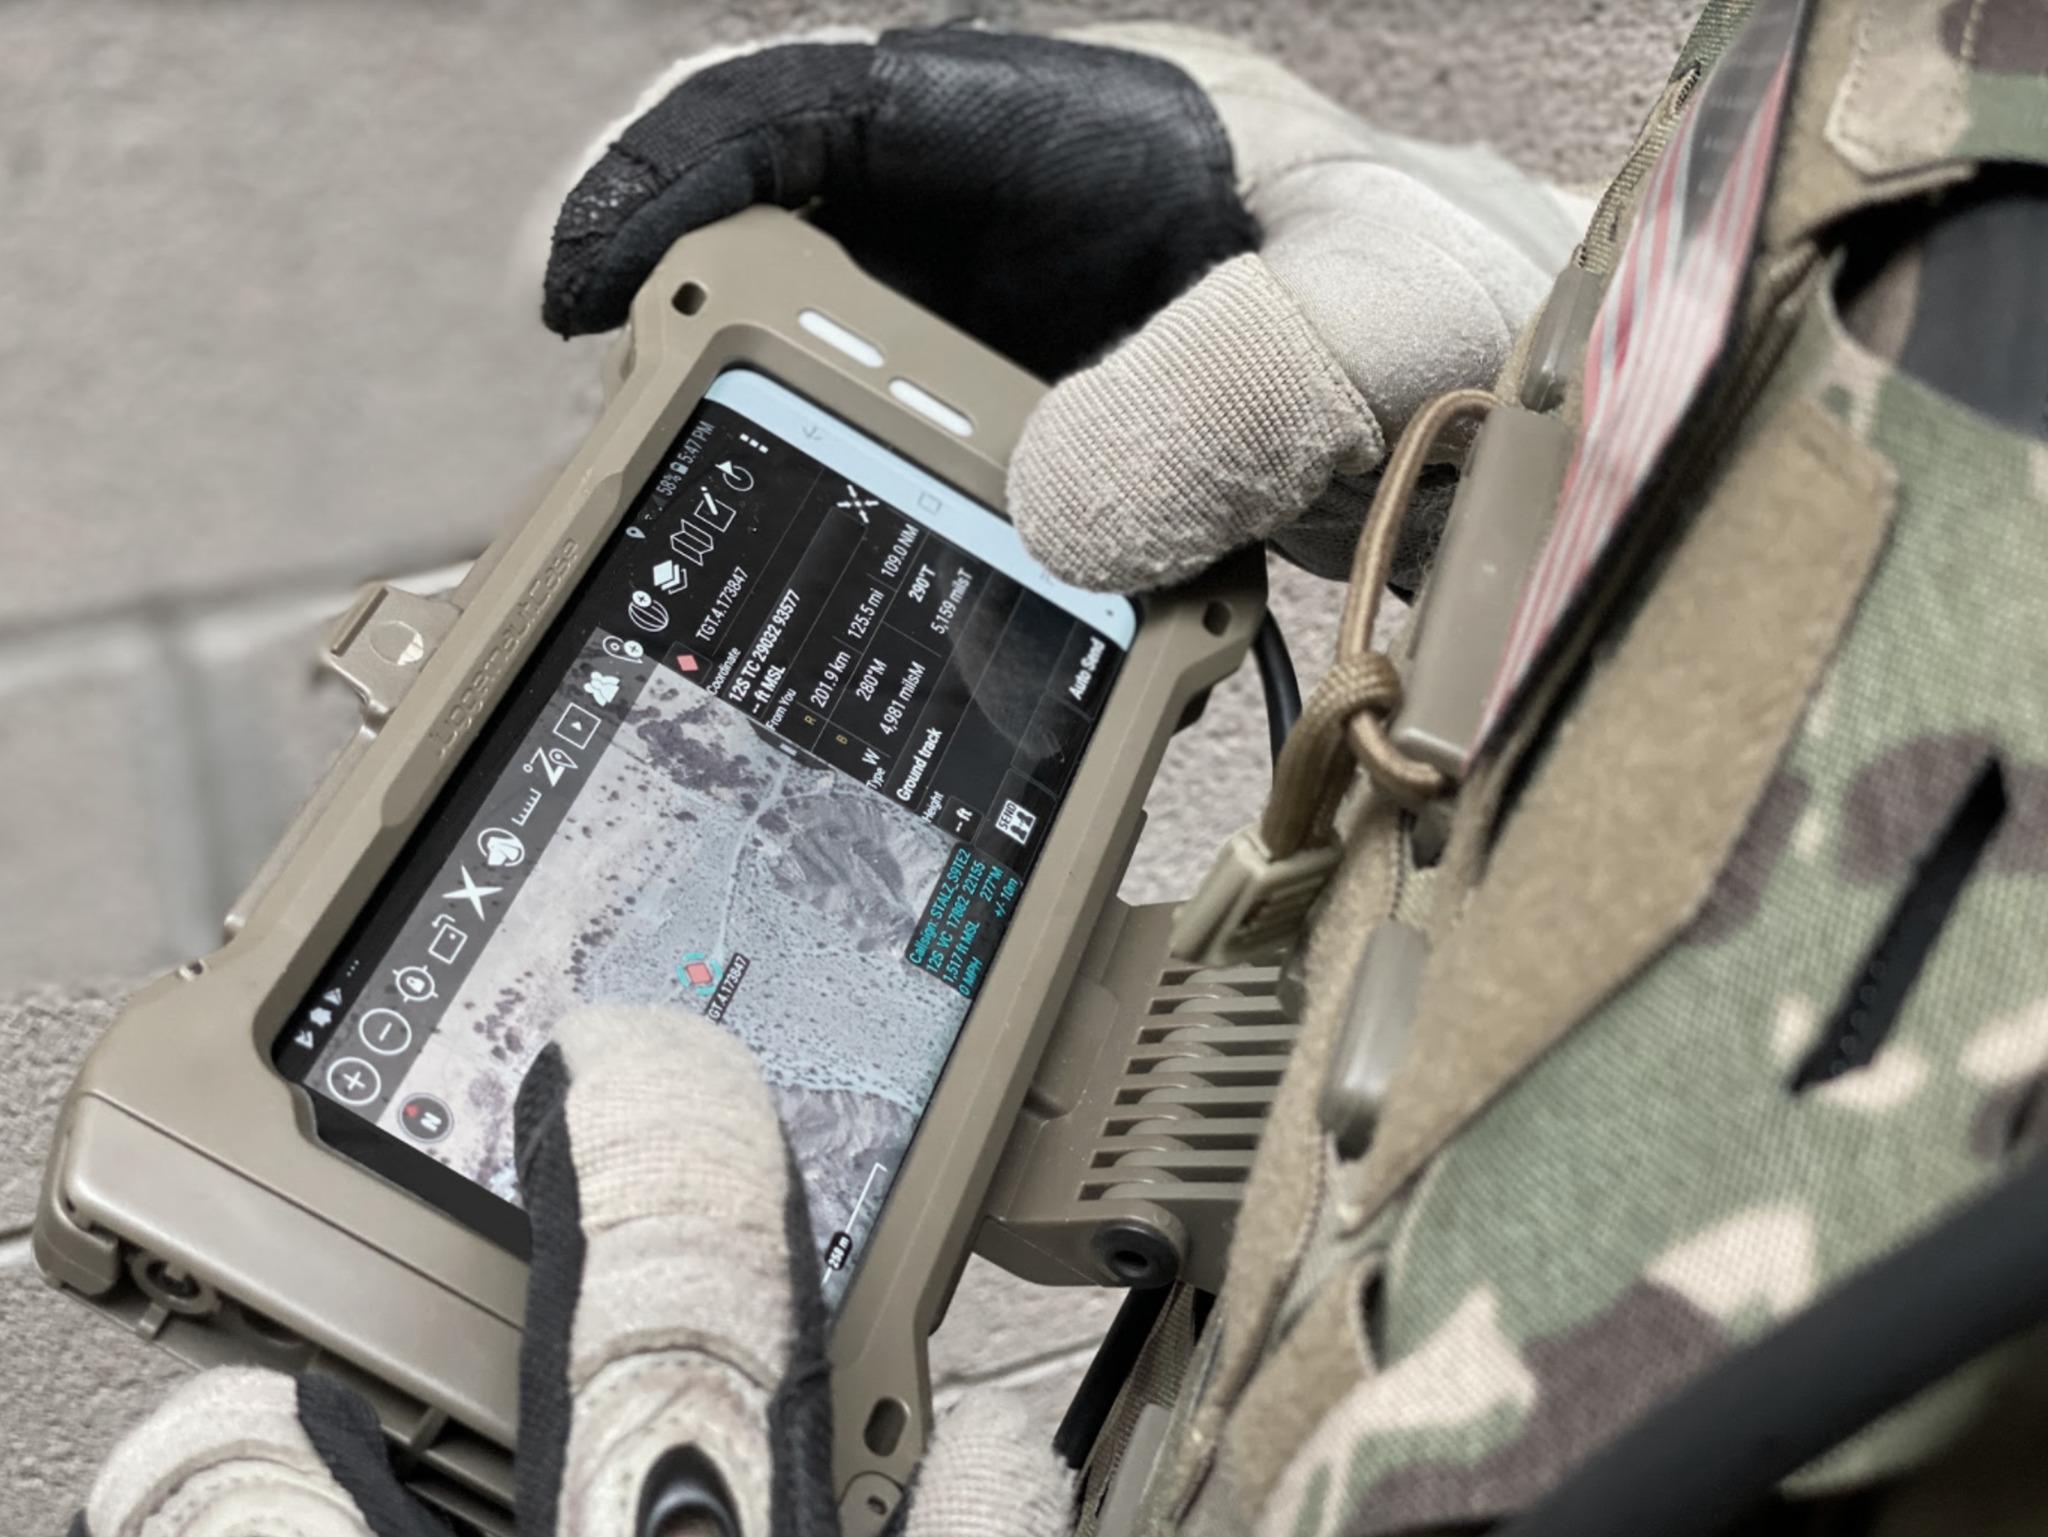 Samsung Galaxy S20 Tactical Edition Situational Awareness